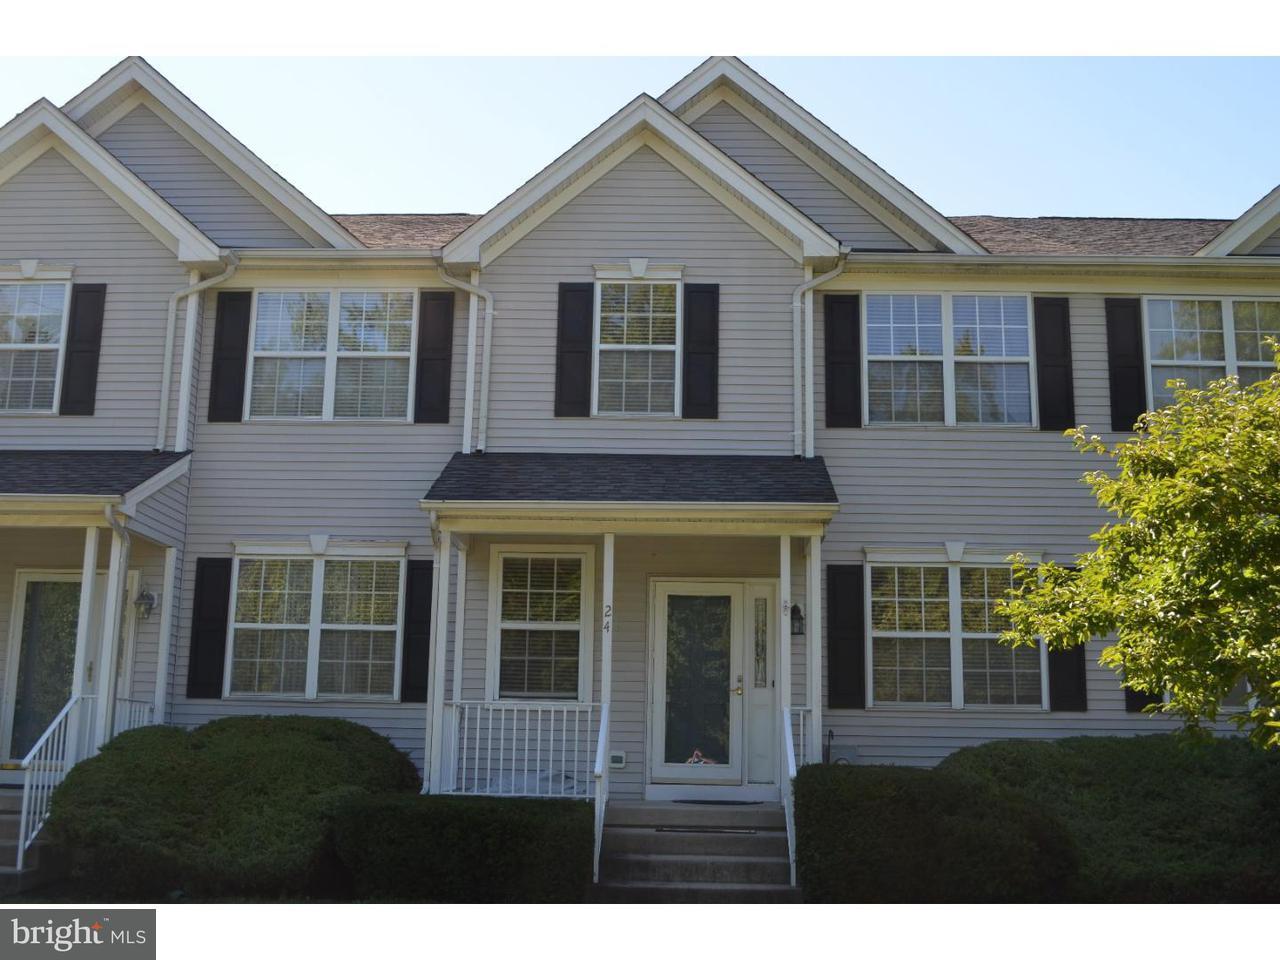 联栋屋 为 出租 在 24 UXBRIDGE Drive 特伦顿, 新泽西州 08691 美国在/周边: Robbinsville Township